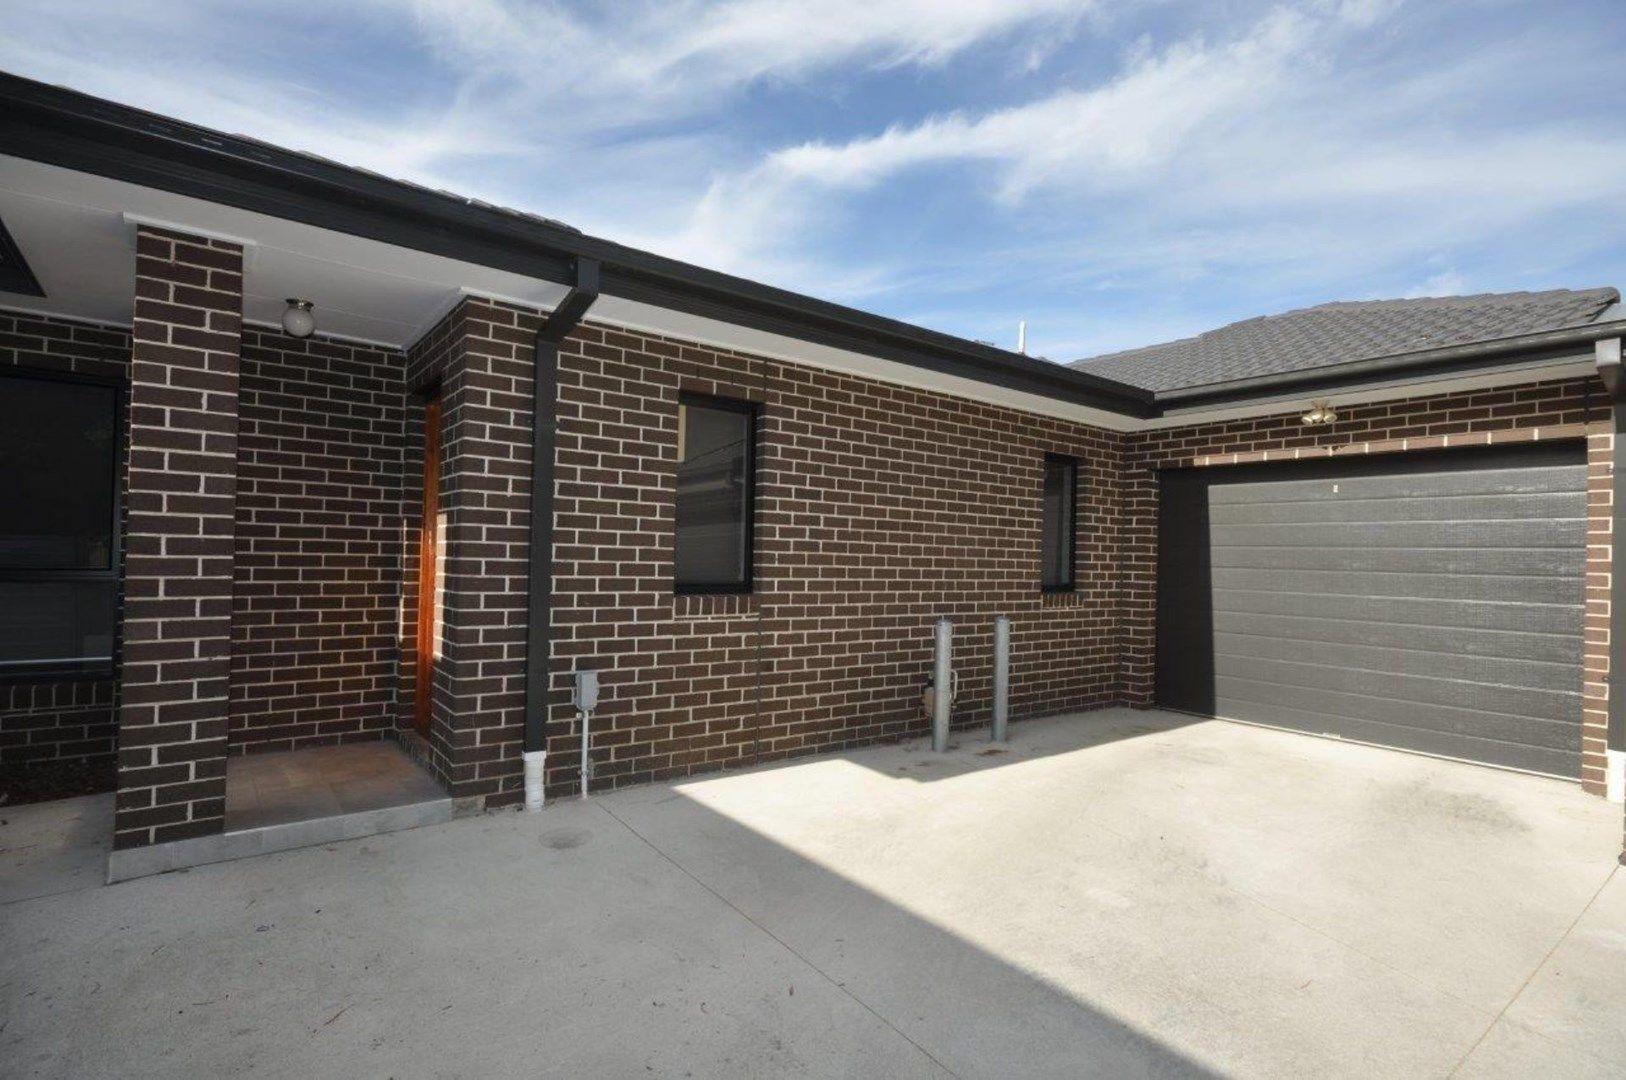 3/74 Melbourne Avenue, Glenroy VIC 3046, Image 0